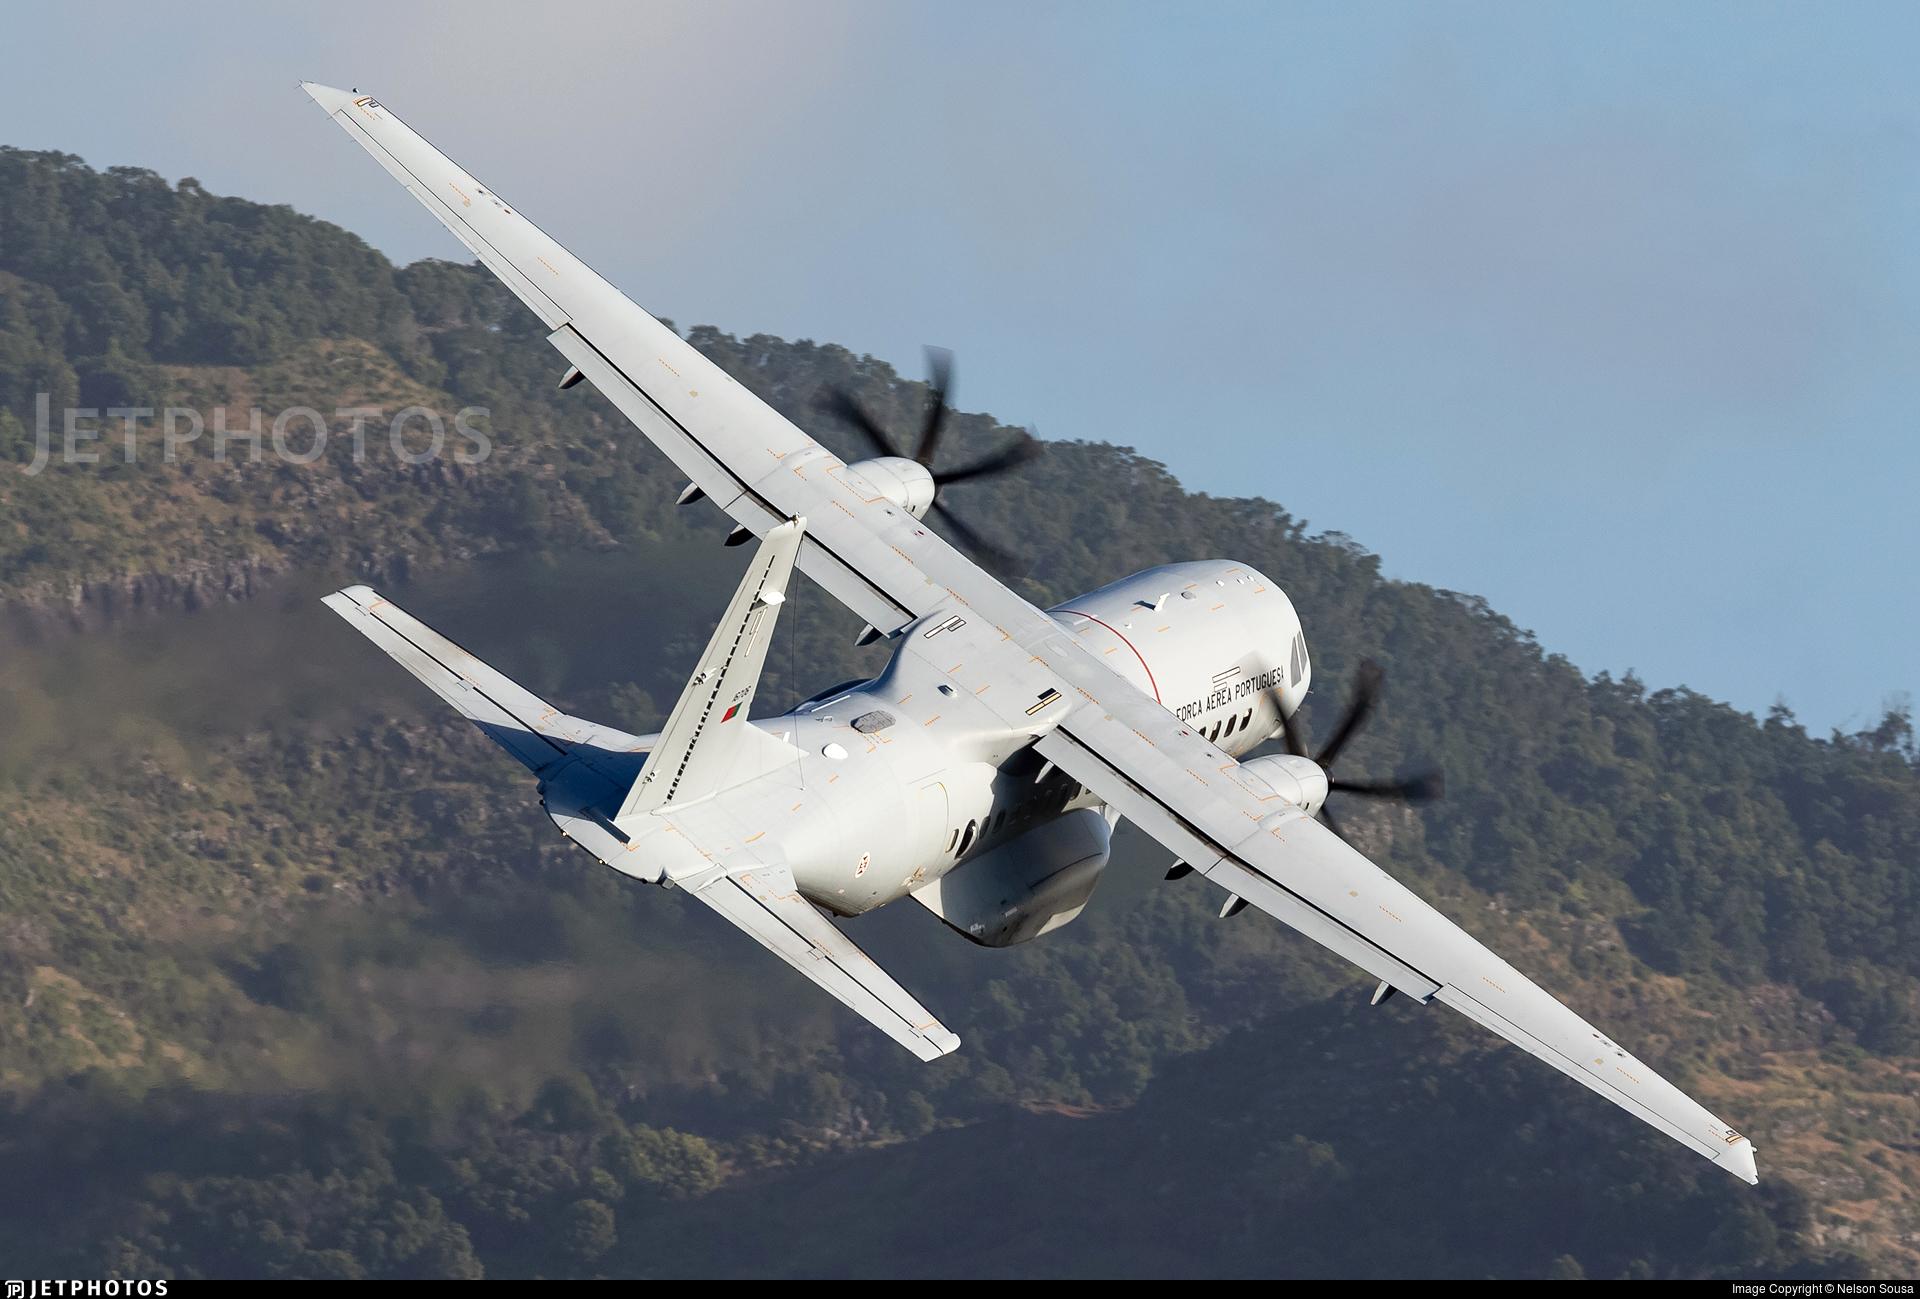 16706 - CASA C-295M - Portugal - Air Force